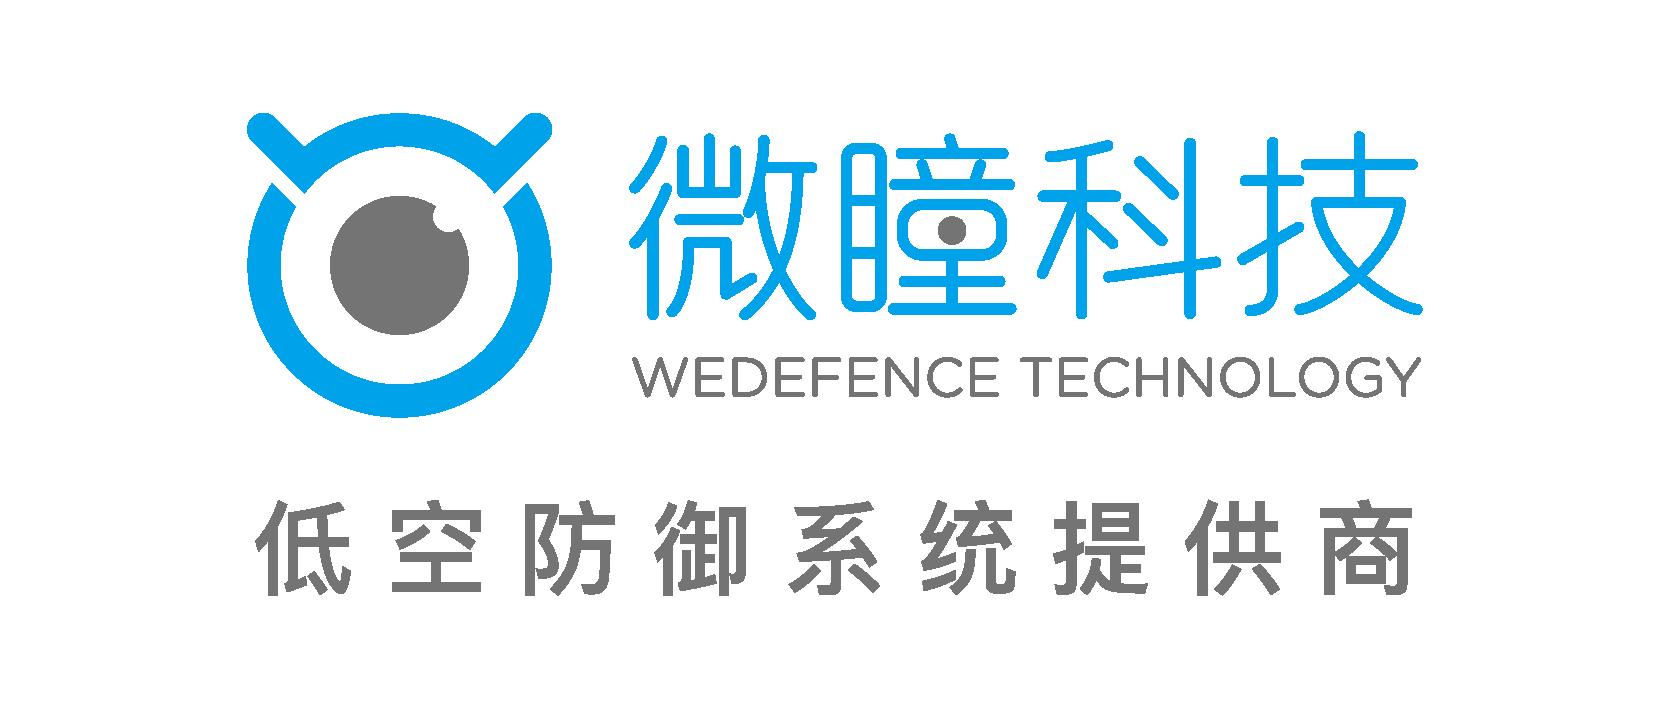 微瞳科技(深圳)有限公司